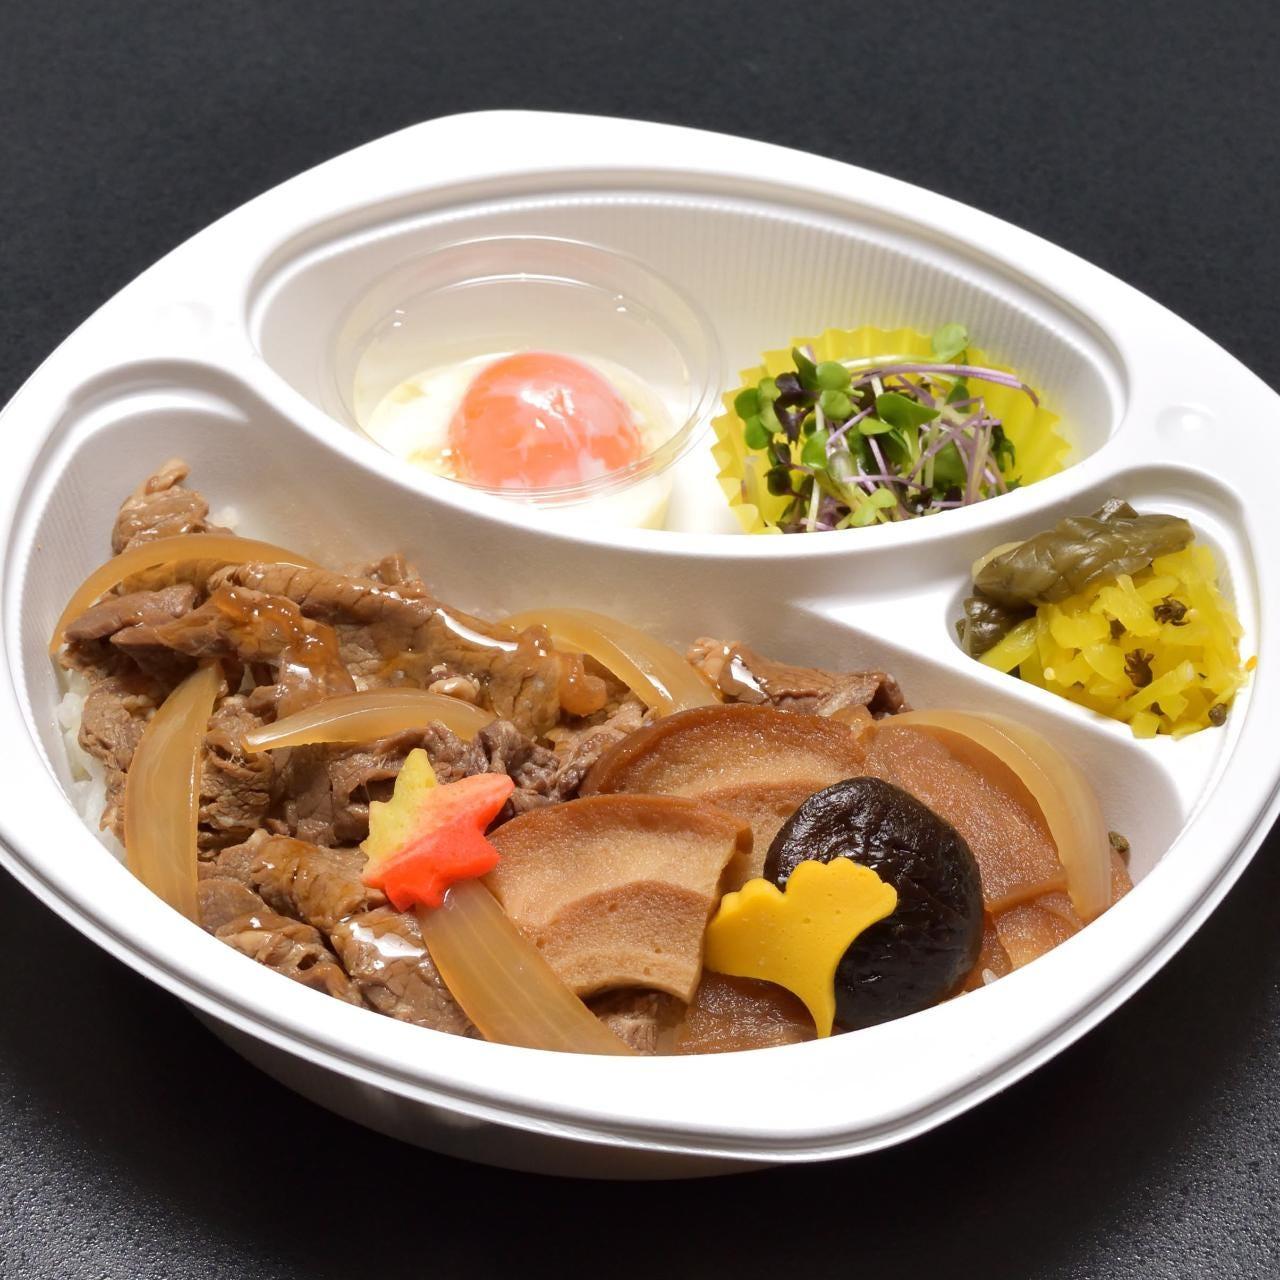 【テイクアウト】温玉付きの牛すき焼き丼 1,080円